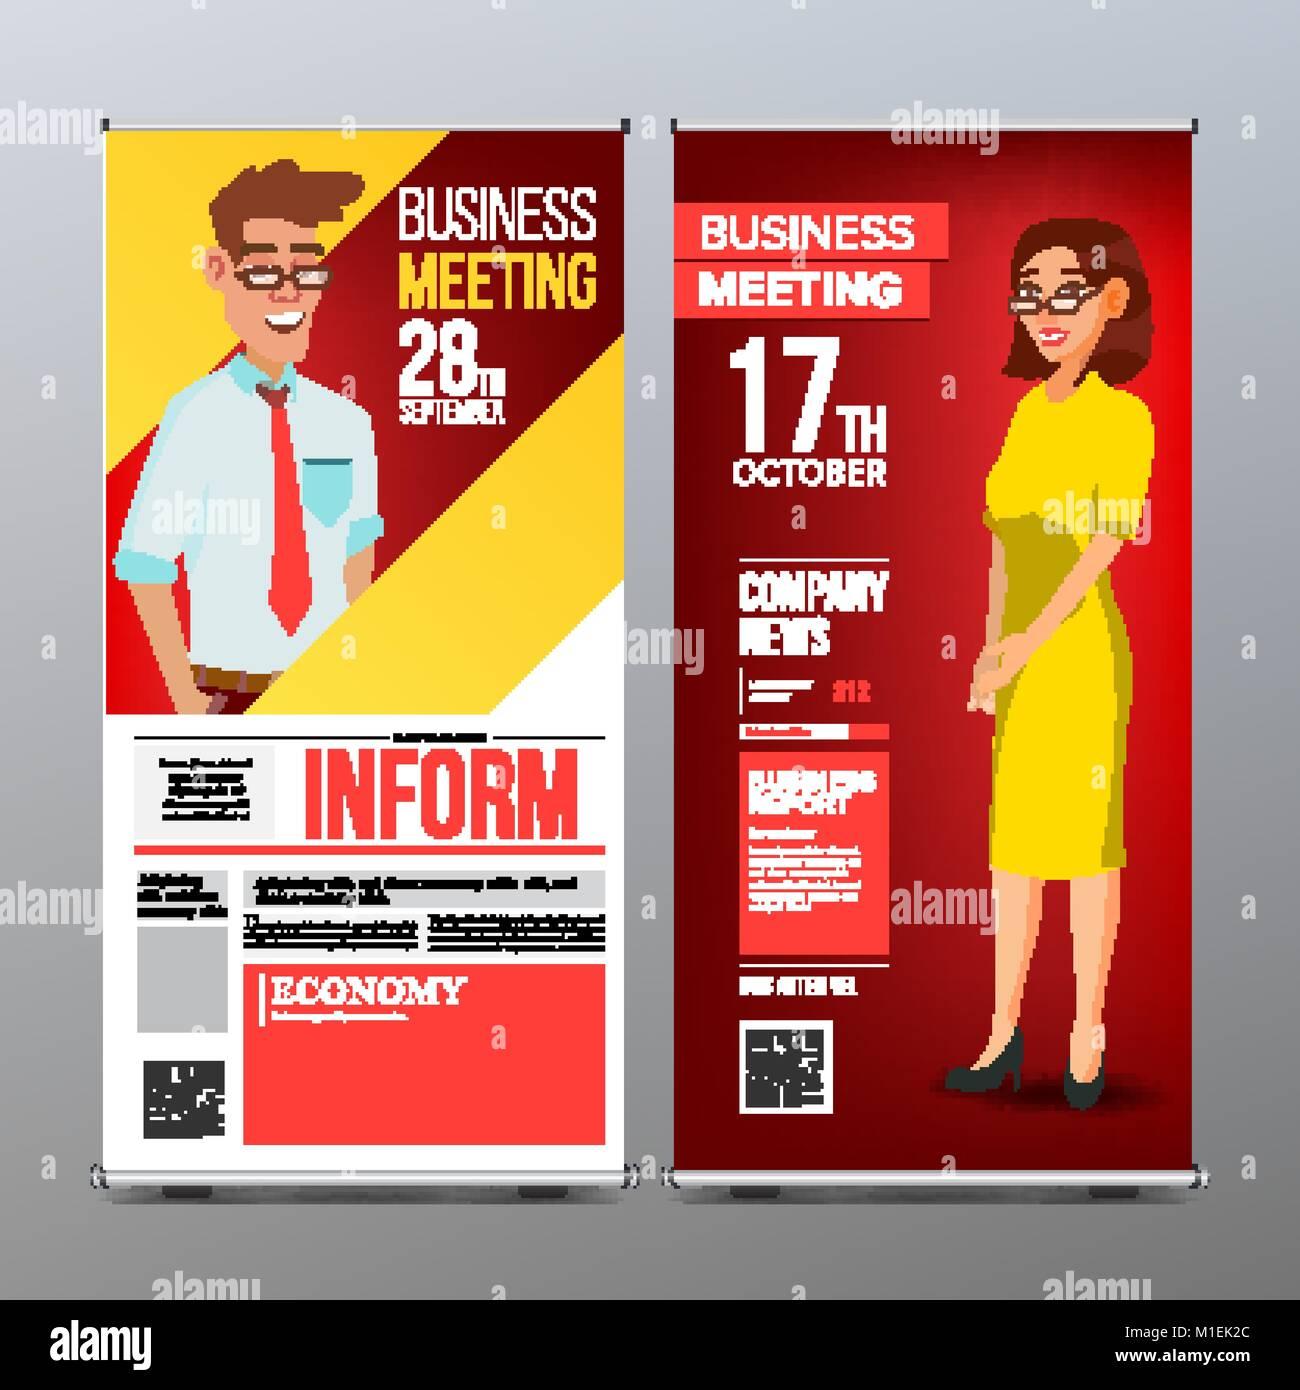 Sito di incontri pubblicitari gialli